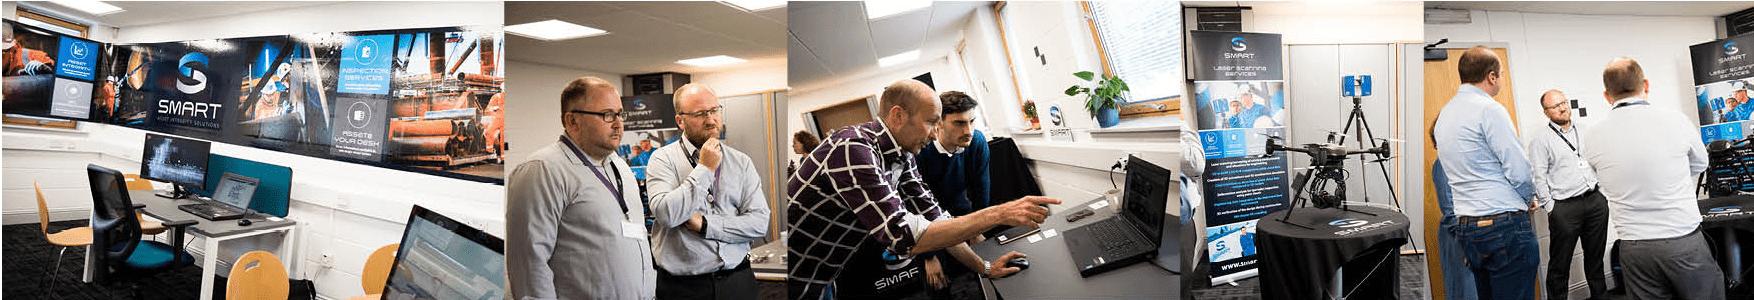 3d laserscanning engineers van Smart AIS - Euro Drone Inspections geven een presentatie over doeltreffend gebruik van drones bij een 3d scan